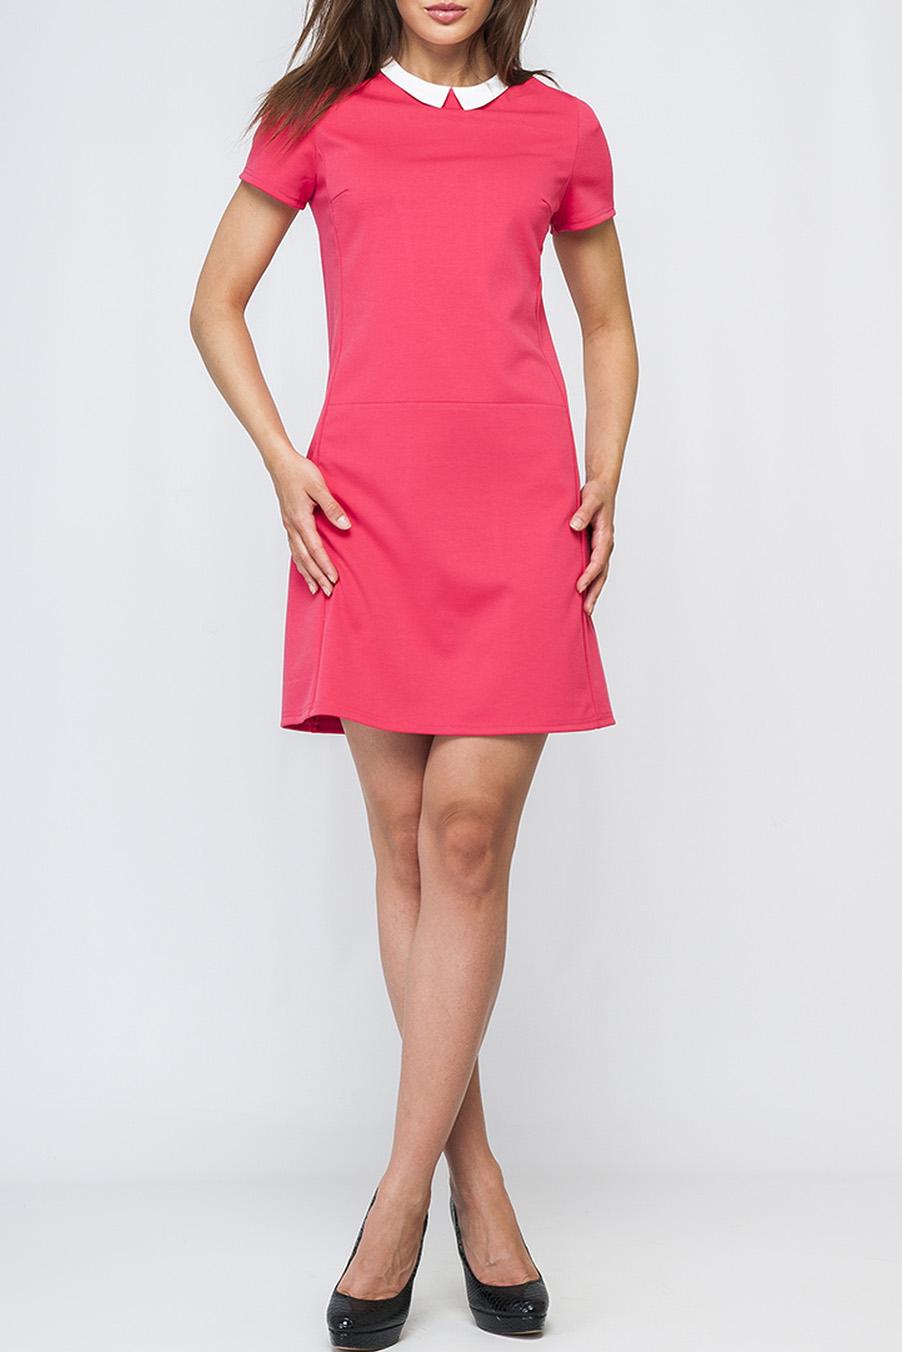 ПлатьеПлатья<br>Модное женское платье яркого цвета, с контрастным отложным воротничком, по спинке изделия застежка-пуговица, длина чуть выше колена.   Параметры изделия:  44 размер: обхват по линии груди - 97 см, обхват по линии бедер - 105 см, длина по спинке - 89,5 см, длина рукава - 45 см;  52 размер: обхват по линии груди - 113 см, обхват по линии бедер - 117 см, длина по спинке - 97 см, длина рукава - 48 см.  Цвет: коралловый  Рост девушки-фотомодели 170 см<br><br>Воротник: Отложной<br>По длине: До колена<br>По материалу: Трикотаж<br>По образу: Город,Свидание<br>По рисунку: Однотонные<br>По сезону: Лето,Осень,Весна<br>По силуэту: Полуприталенные<br>По стилю: Повседневный стиль<br>По форме: Платье - трапеция<br>Рукав: Короткий рукав<br>Размер : 48,50<br>Материал: Трикотаж<br>Количество в наличии: 3